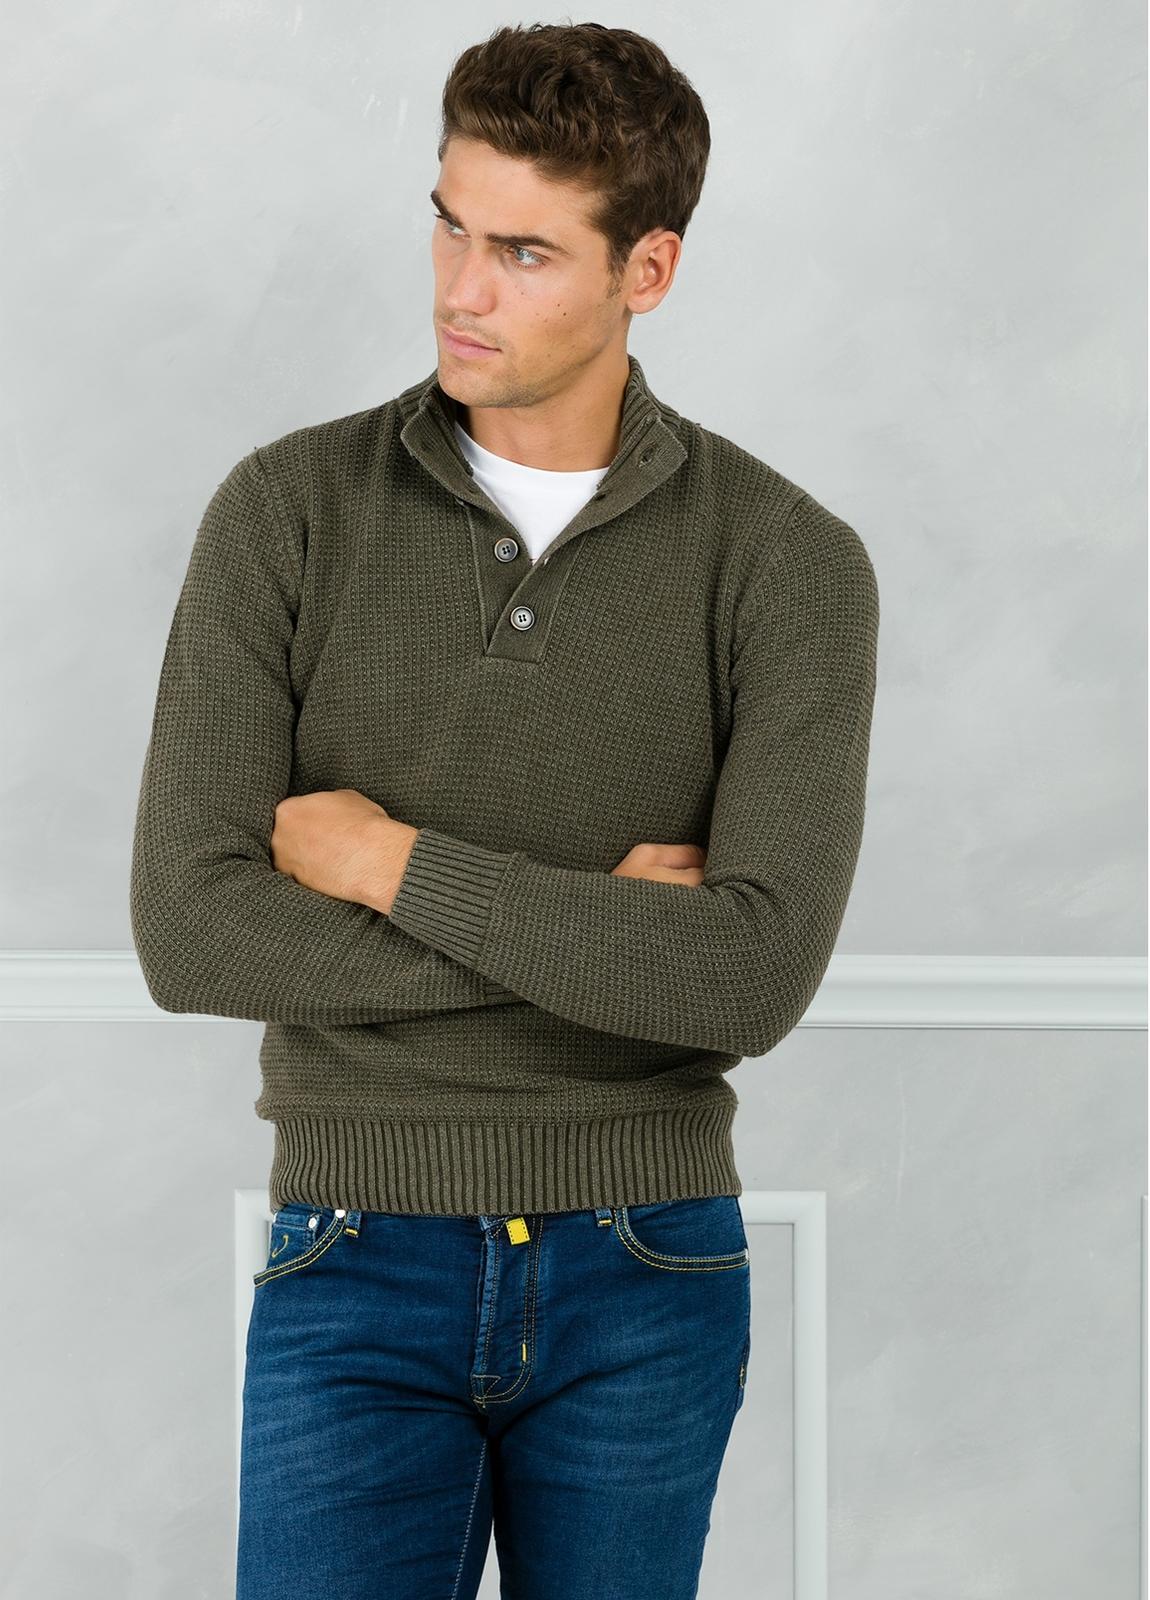 Jersey textura y cuello polo con botones, color kaki. 30% Lana 35% Algodón 35% Acrílico.